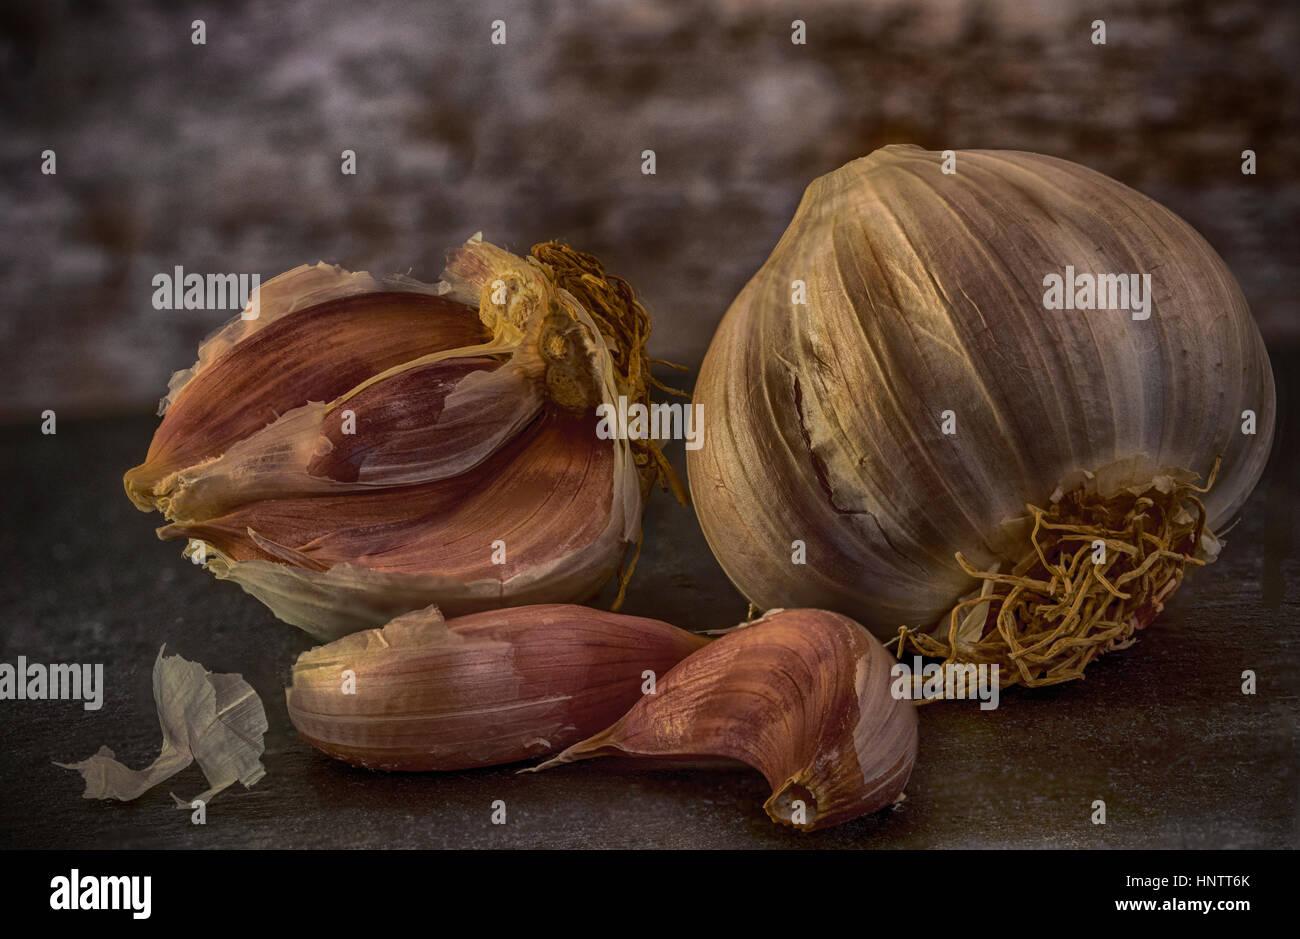 Garlic in detail - Stock Image